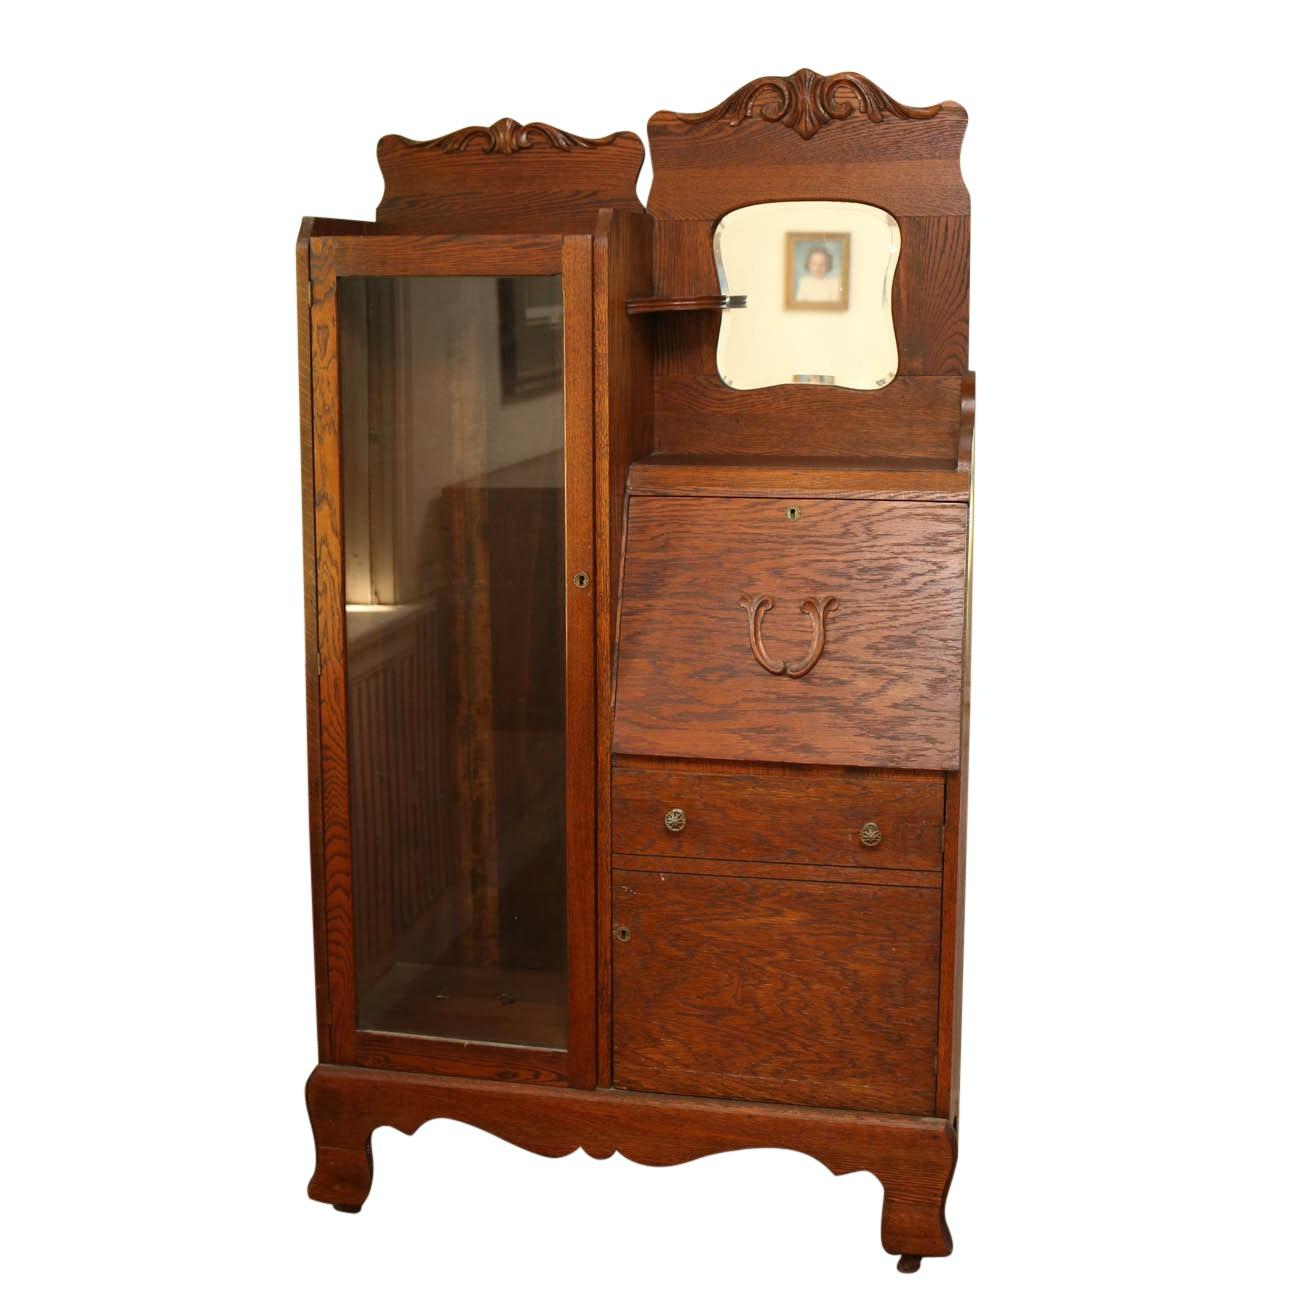 Vintage Oak Cabinet with Slant Desk